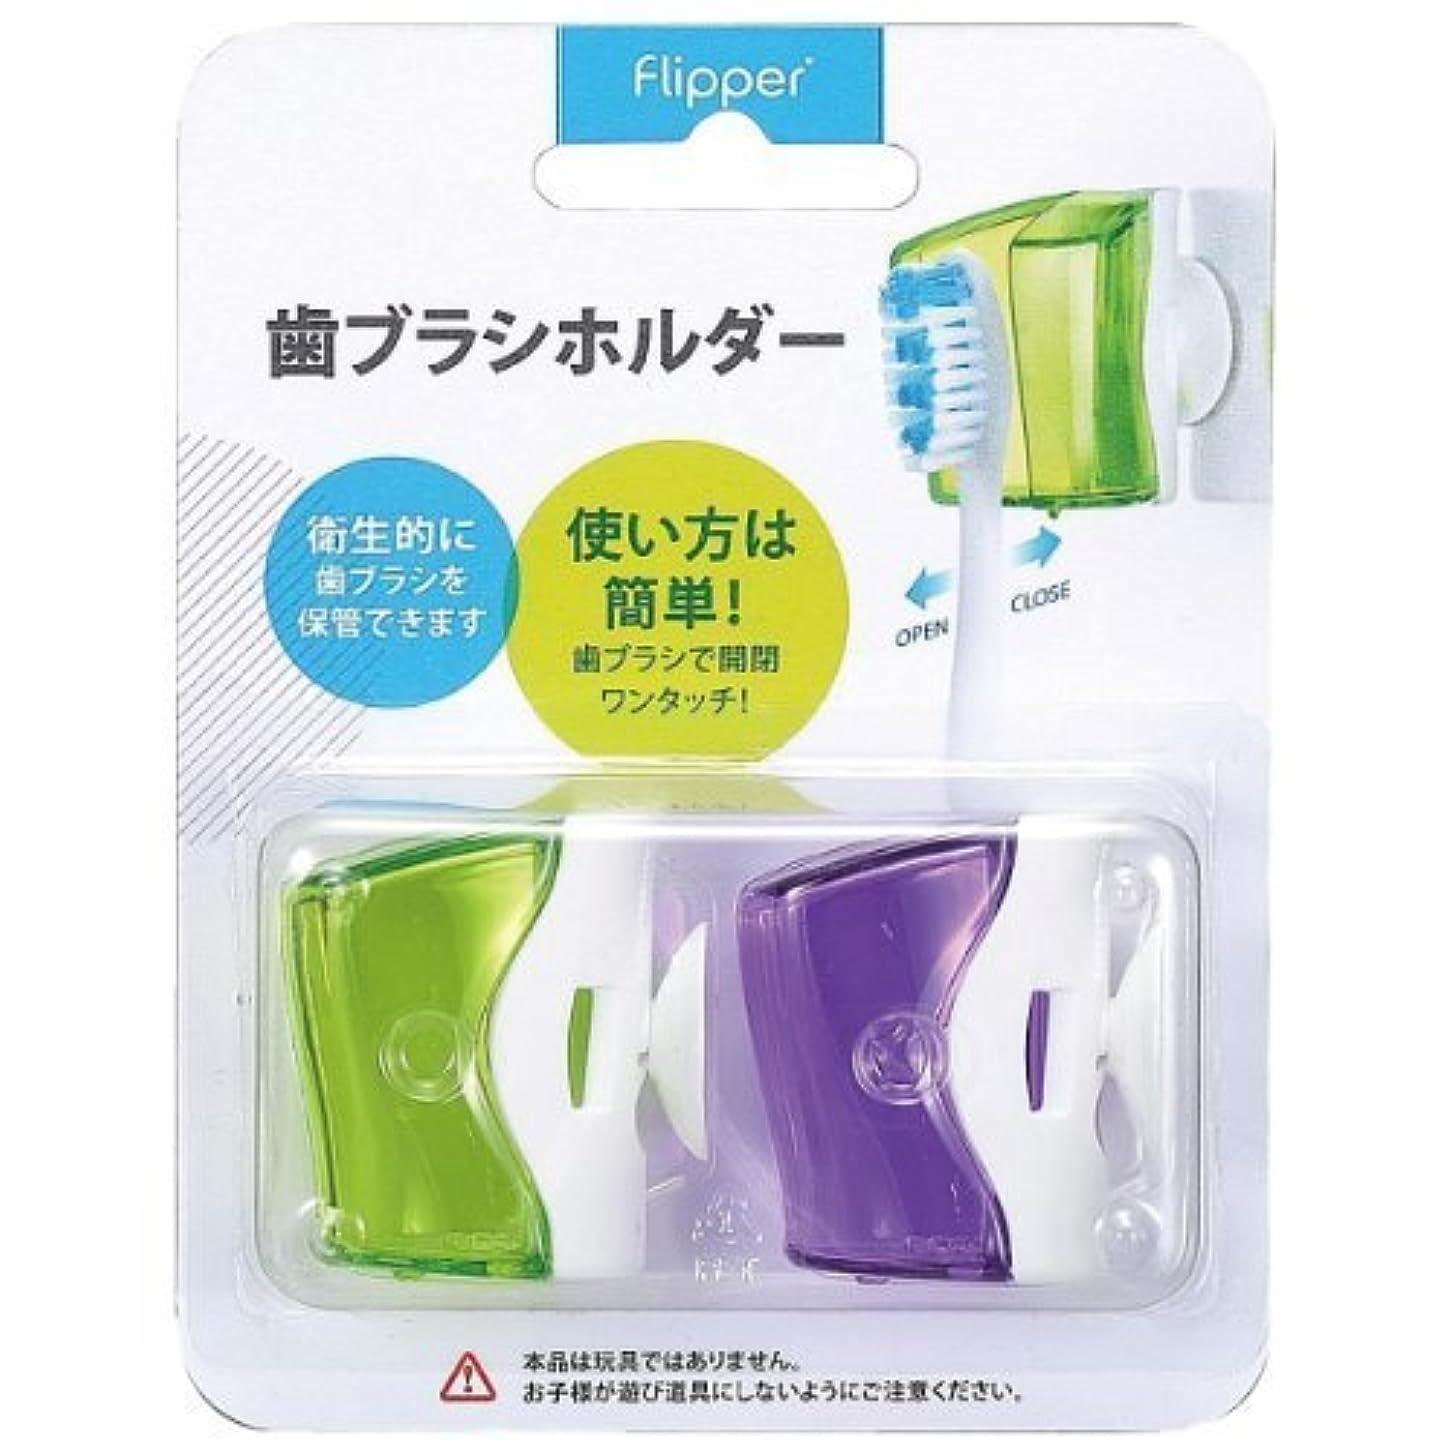 毛布感動する三【歯ブラシホルダー】フリッパー ベーシック 2個セット / グリーン×パープル